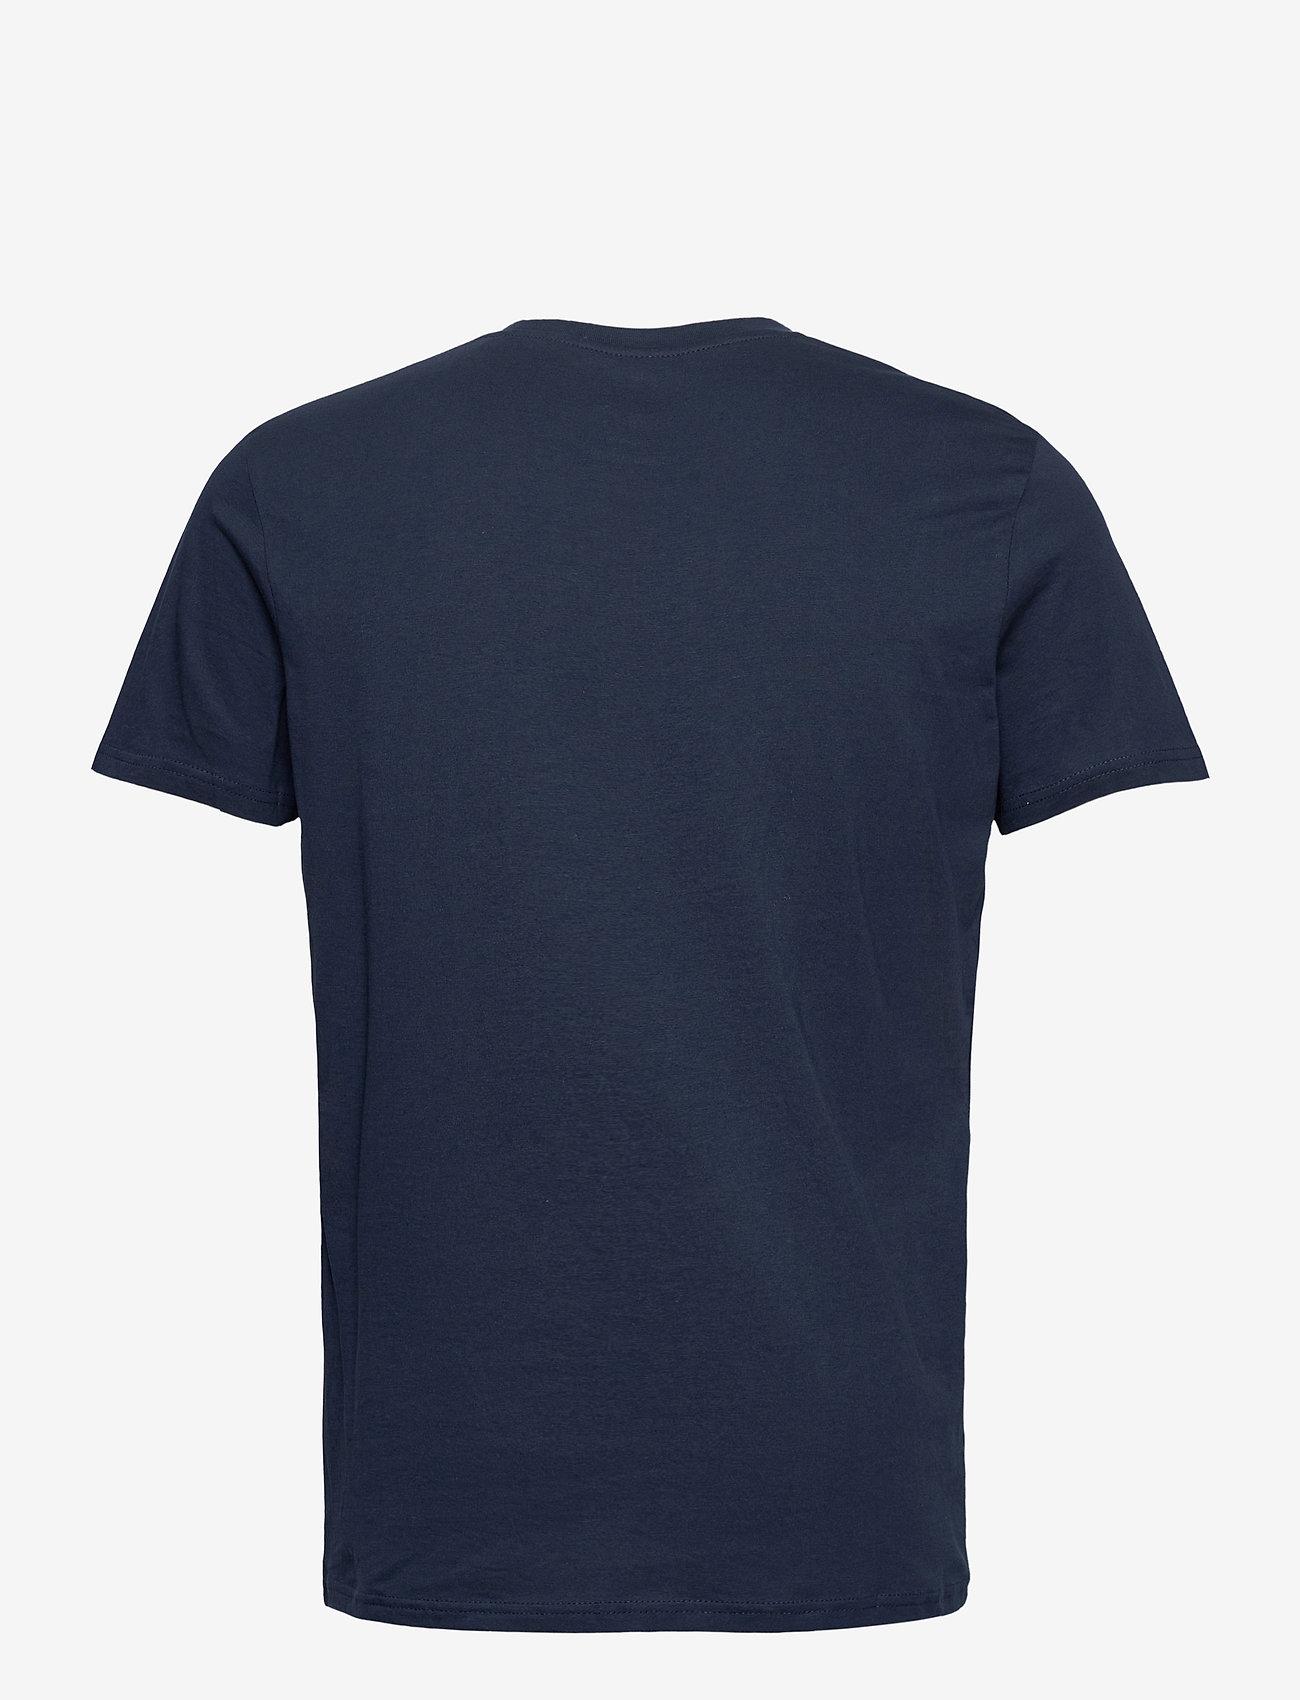 Tom Tailor t-shirt with - T-skjorter SKY CAPTAIN BLUE - Menn Klær